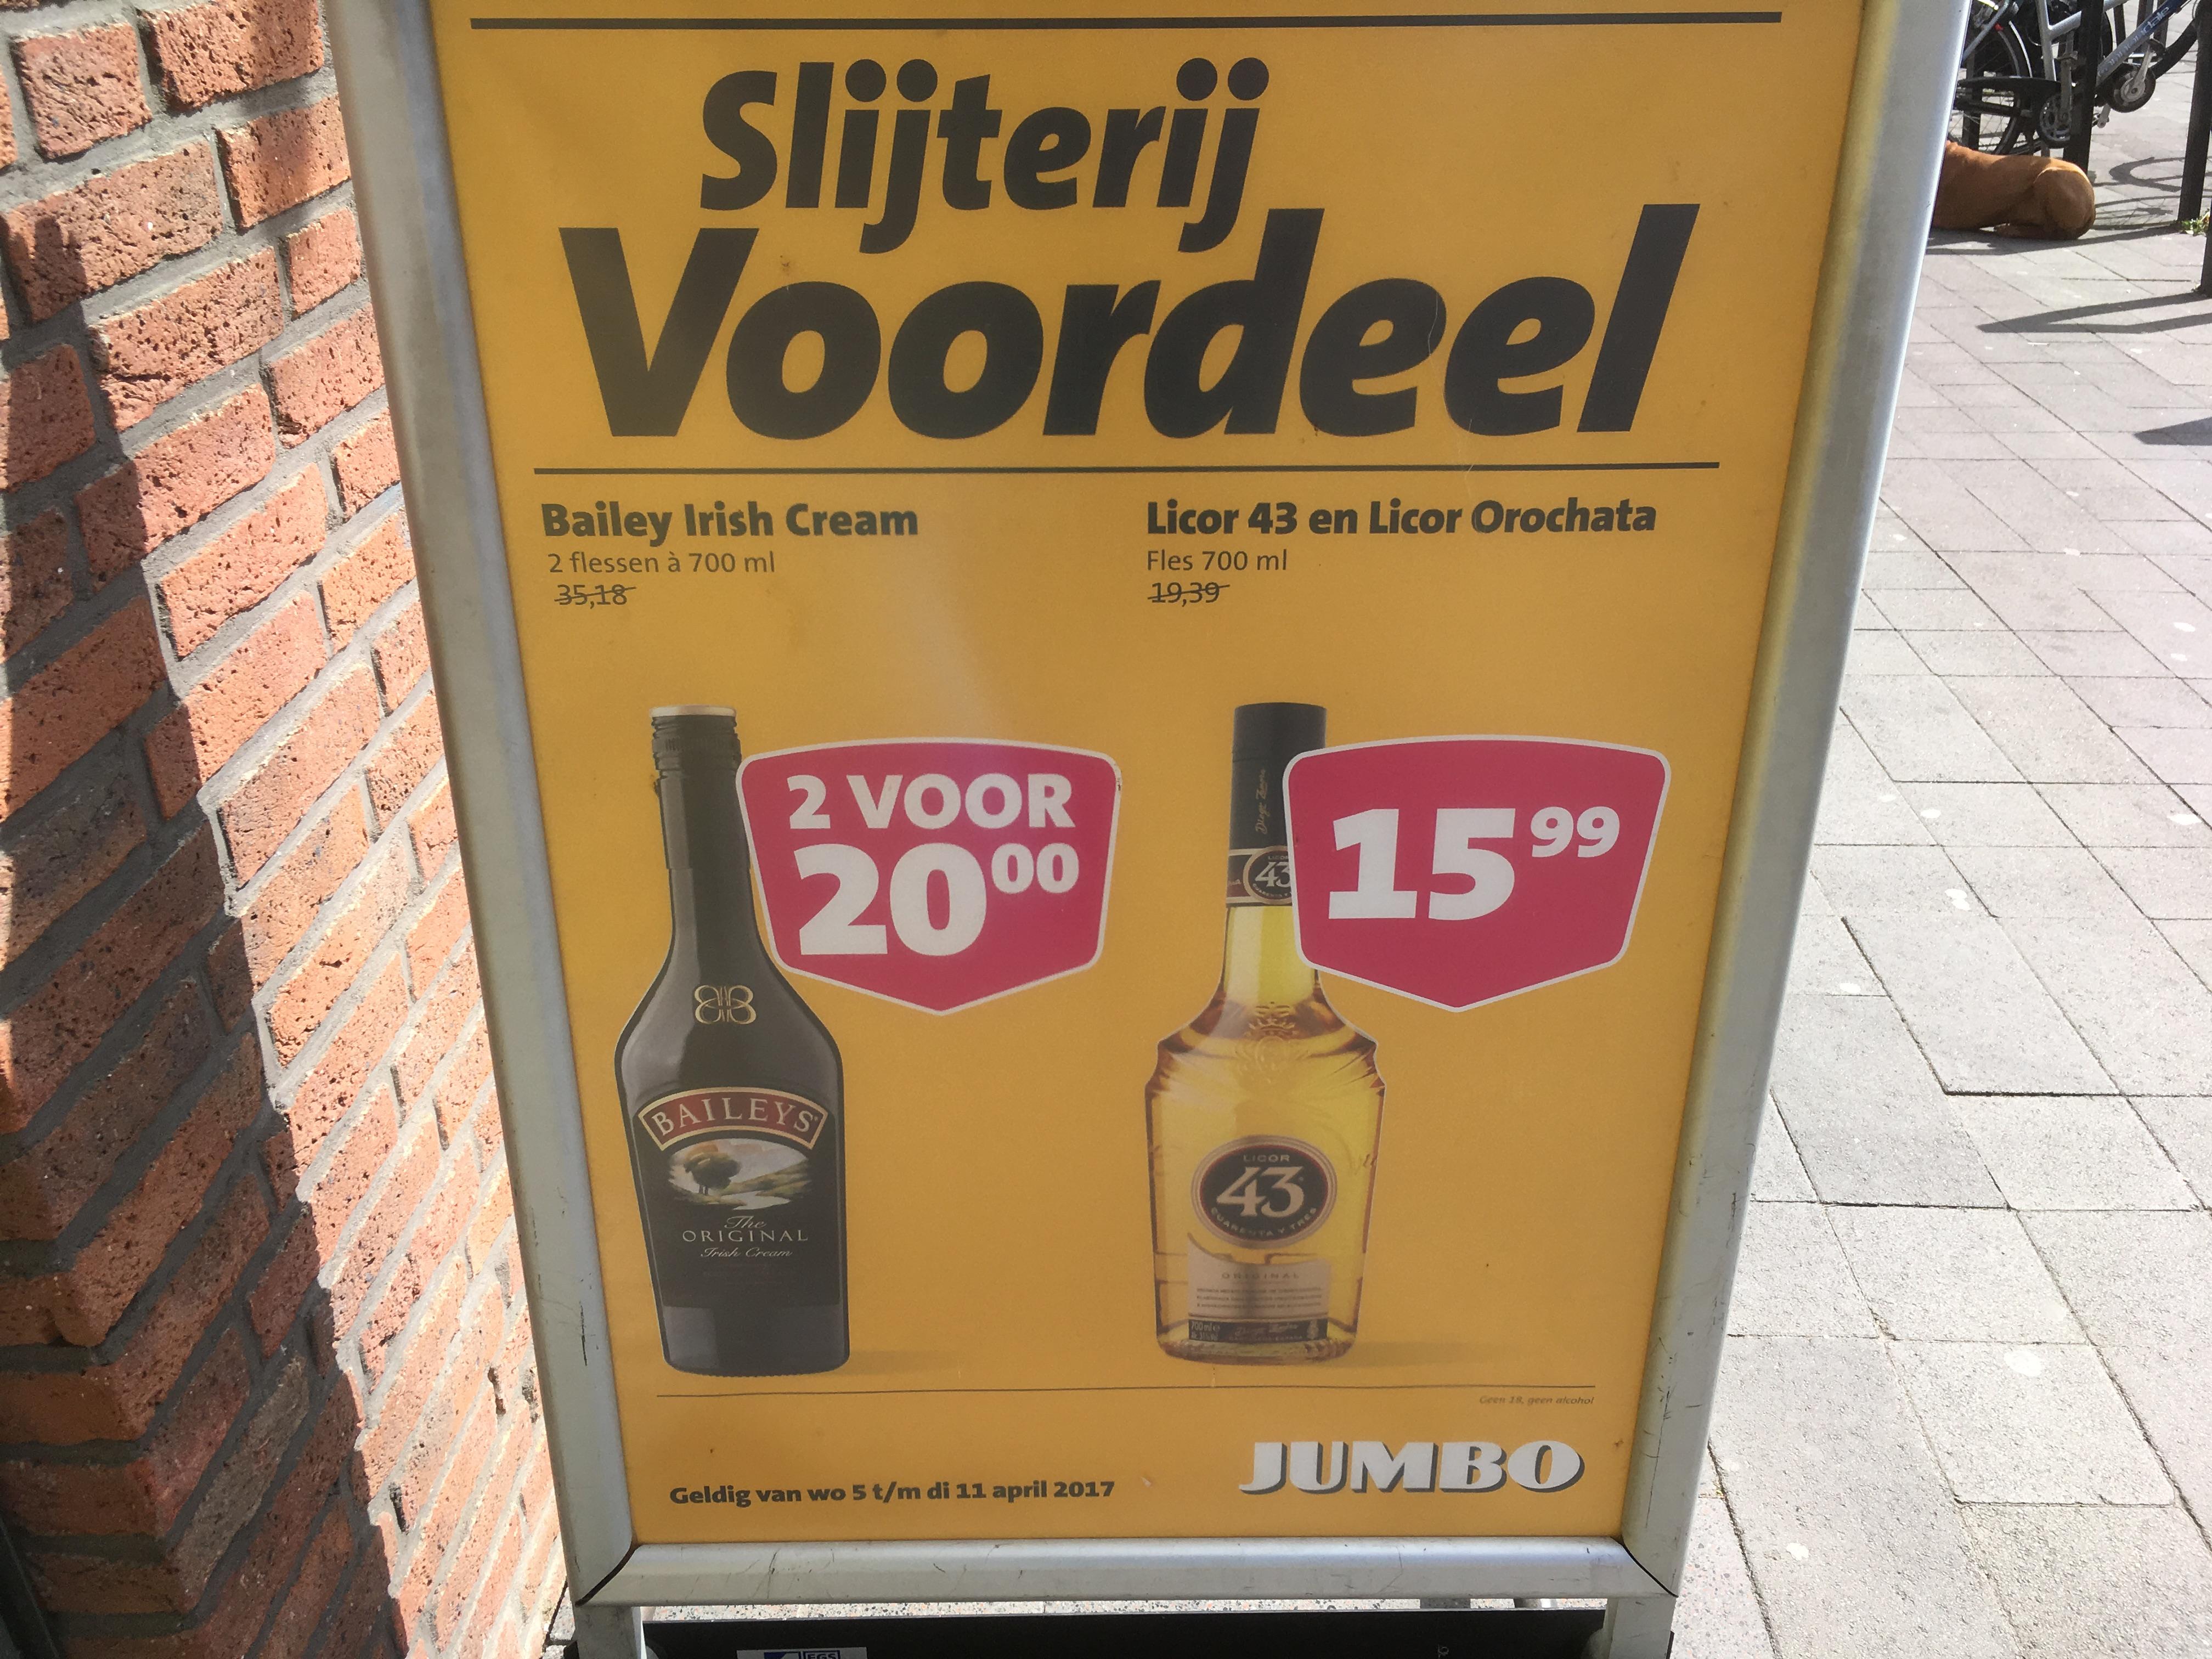 2 flessen Baileys voor 20 euro bij de Jumbo (normaal 35,18)